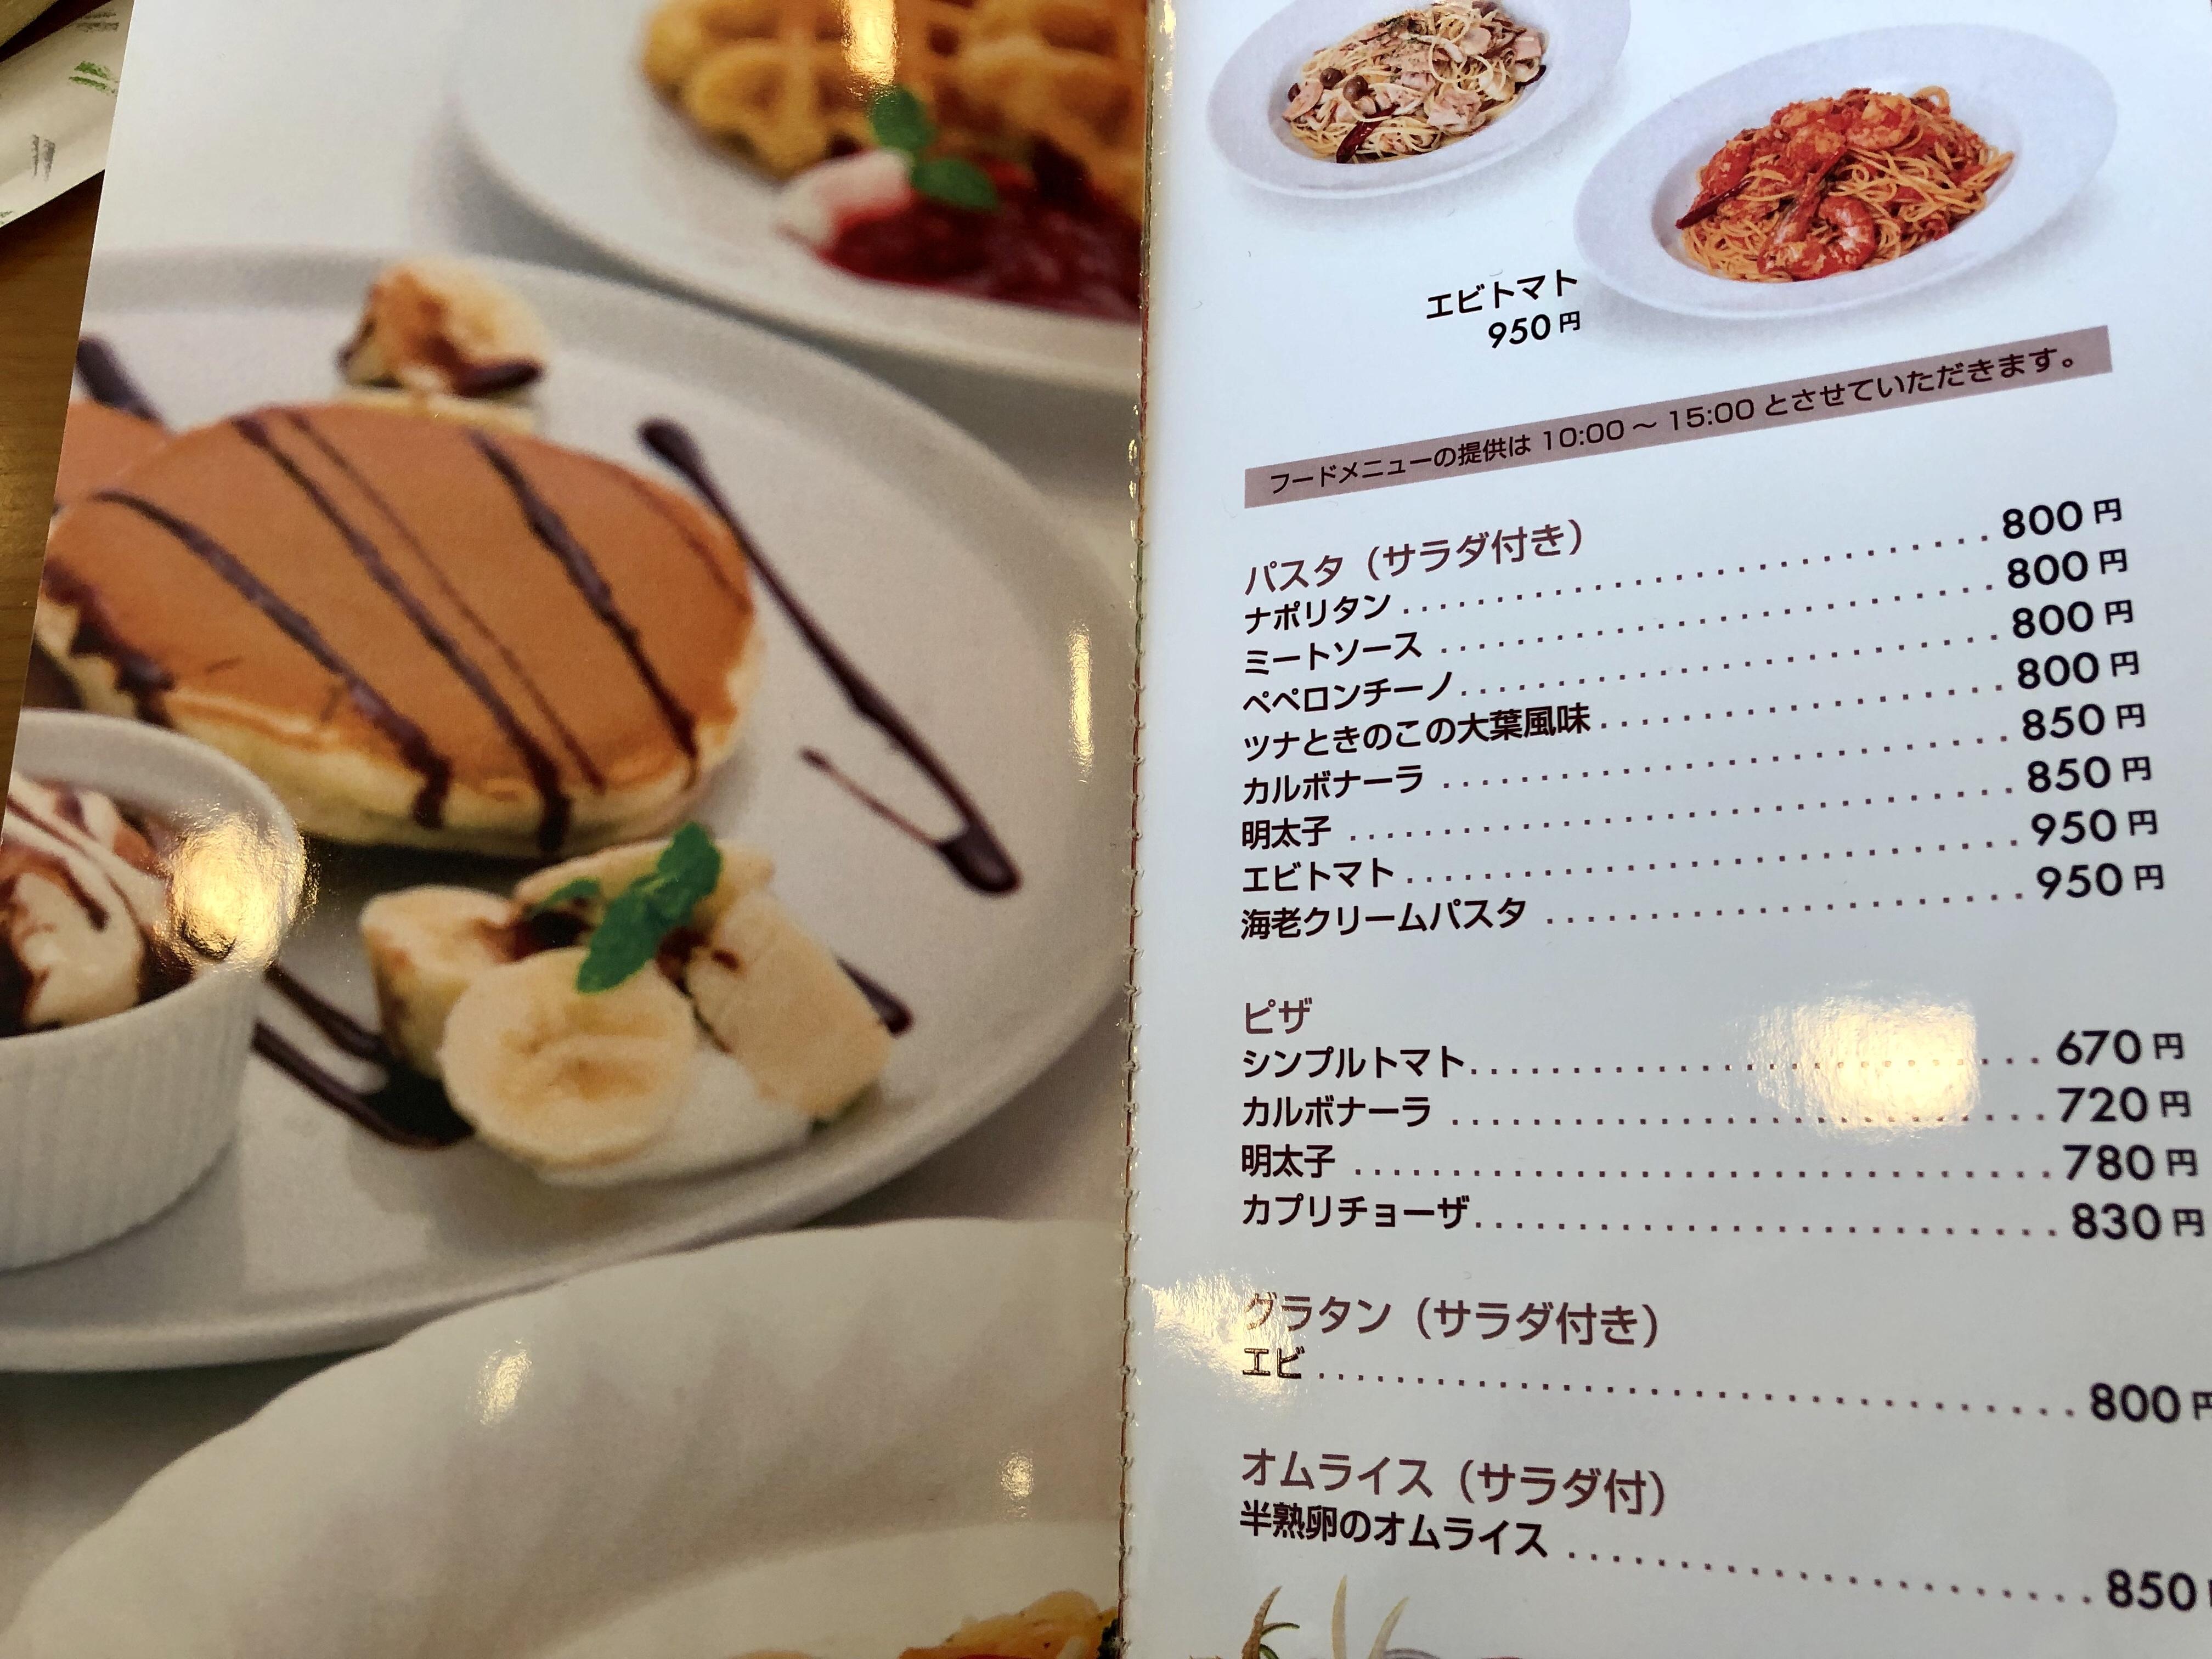 金沢市のカフェむらはたのパフェ